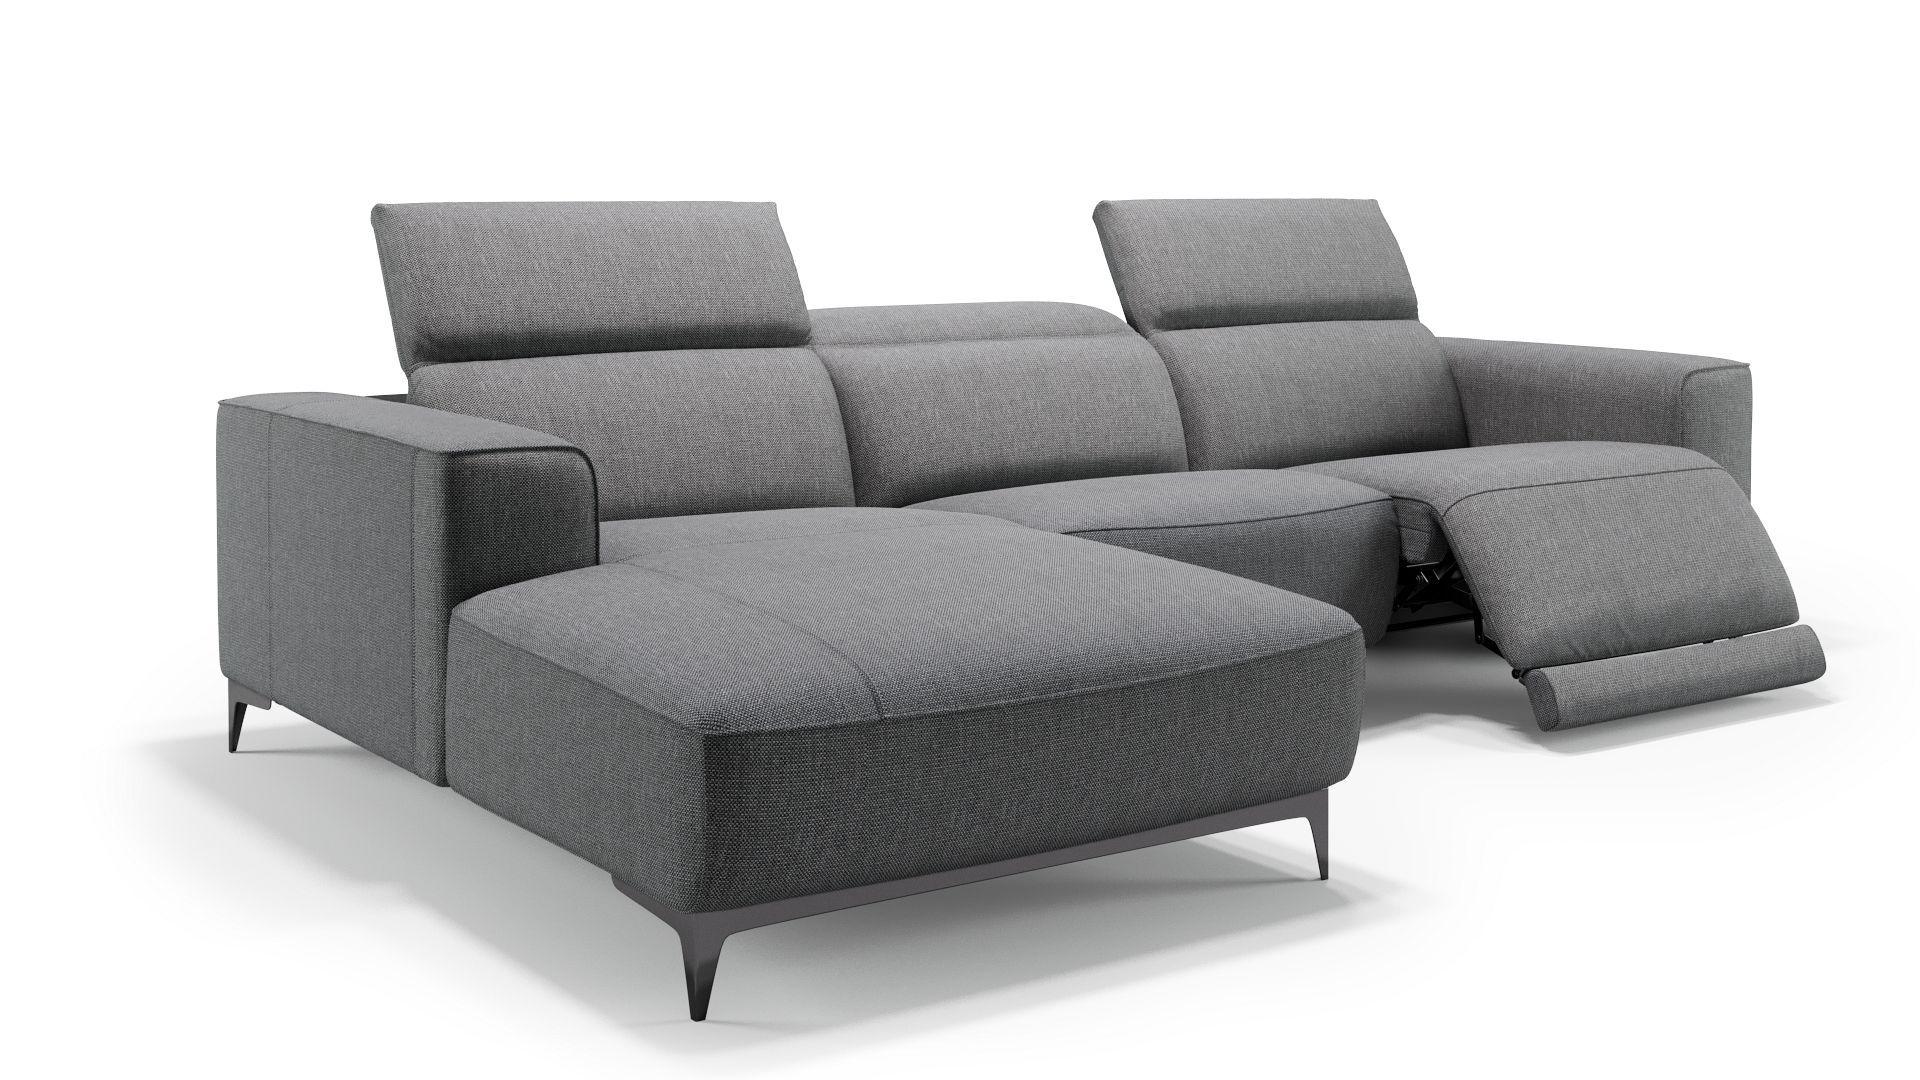 Liebenswert Couch Mit Relaxfunktion Beste Wahl Details Elektrische Per Knopfdruck An Einem Sitz